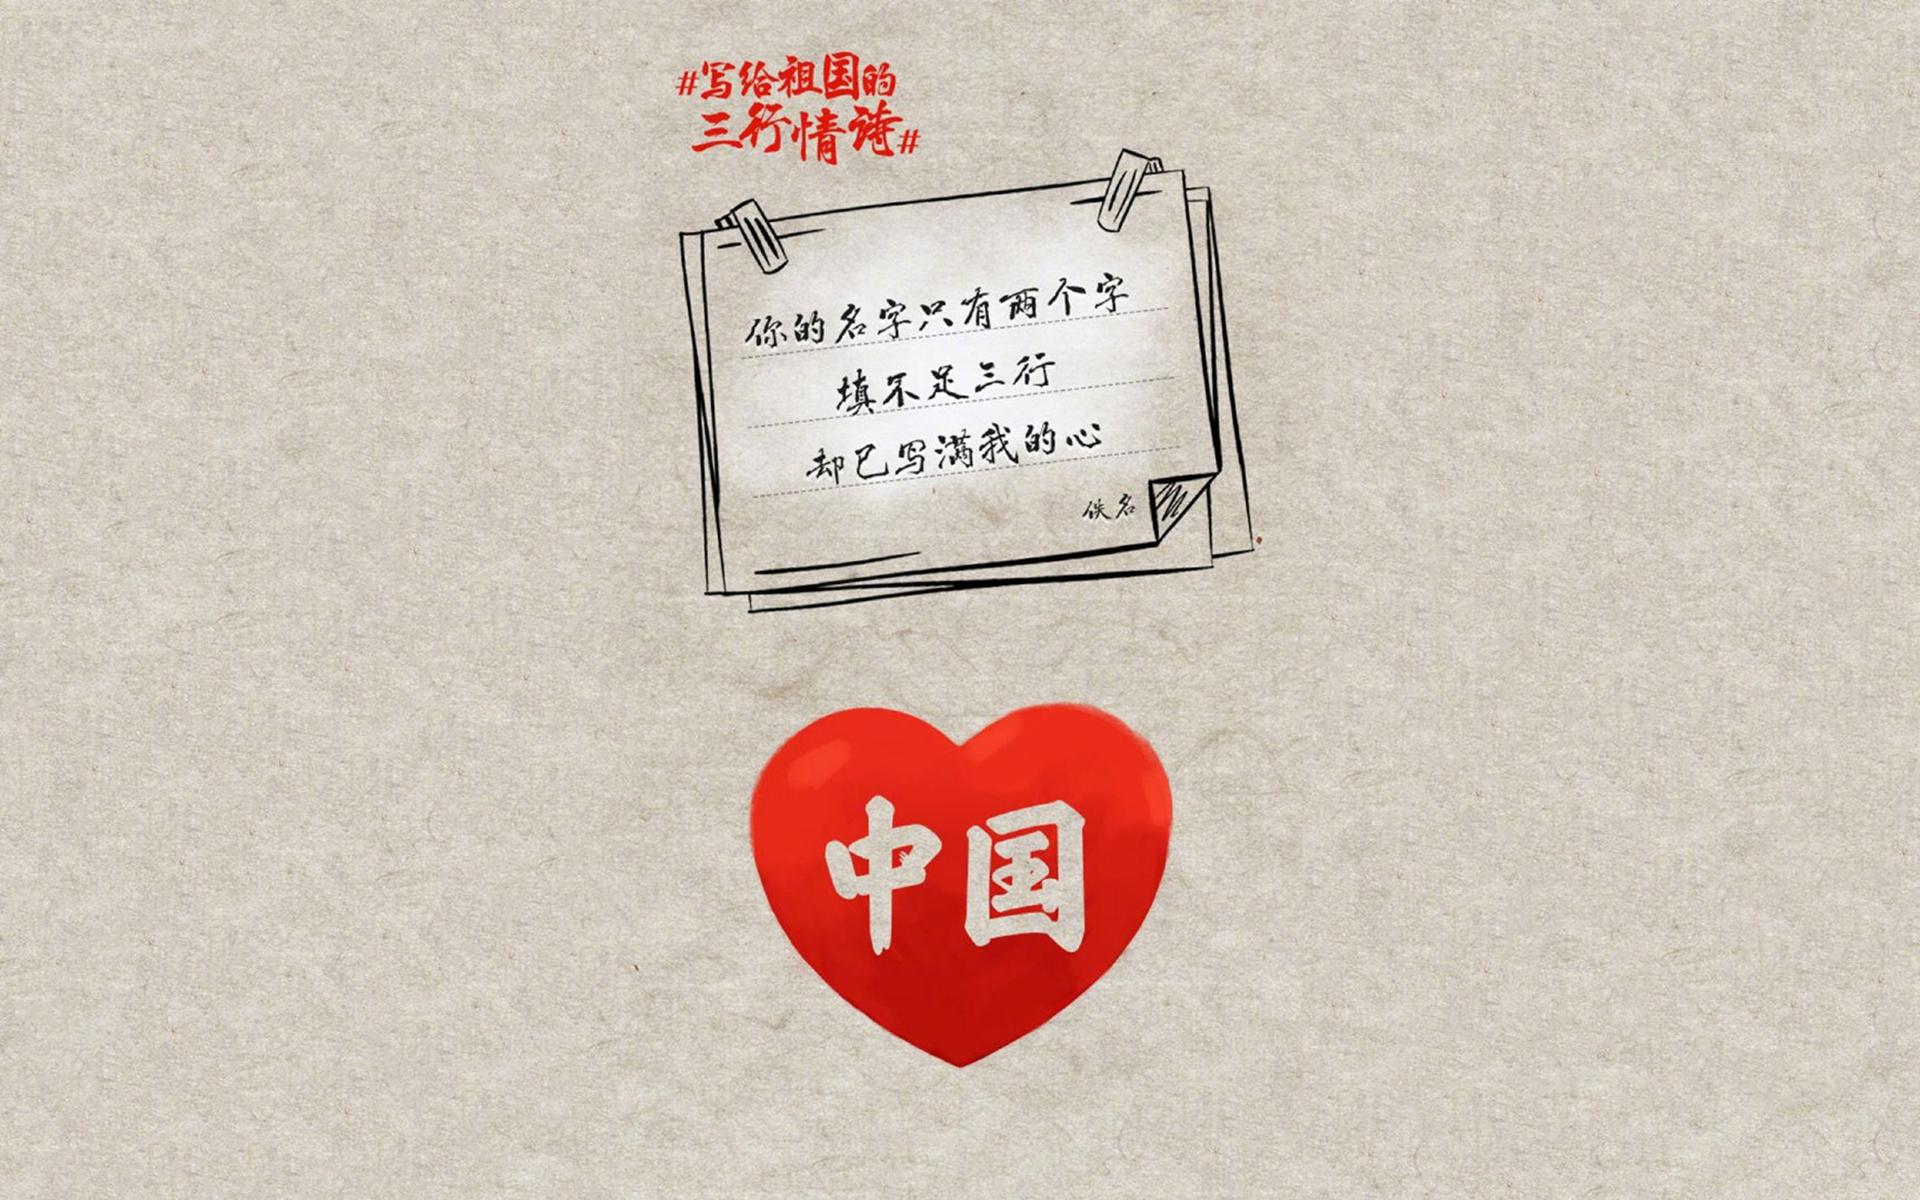 中国国庆节祝福语动态电脑桌面壁纸